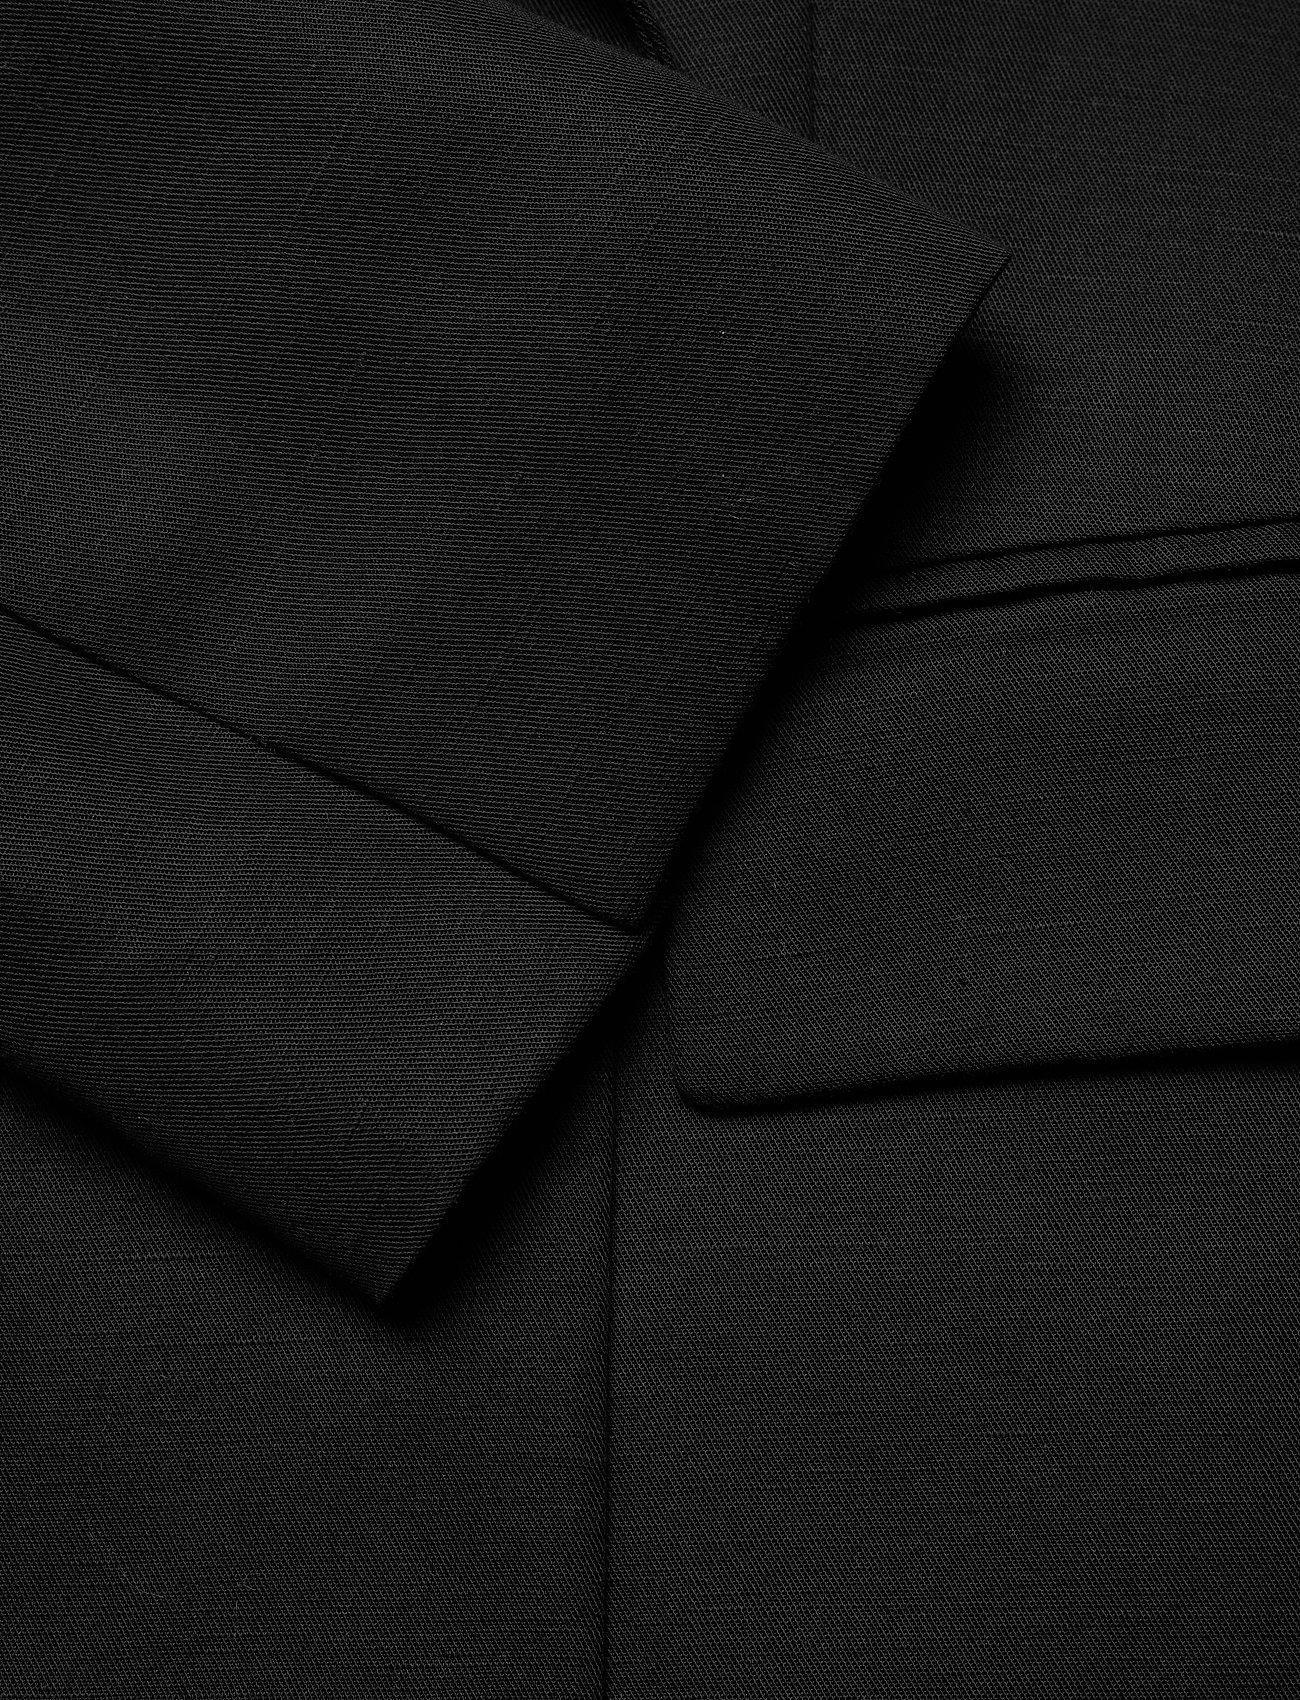 Dagmar - Iris - oversize blazers - black - 3